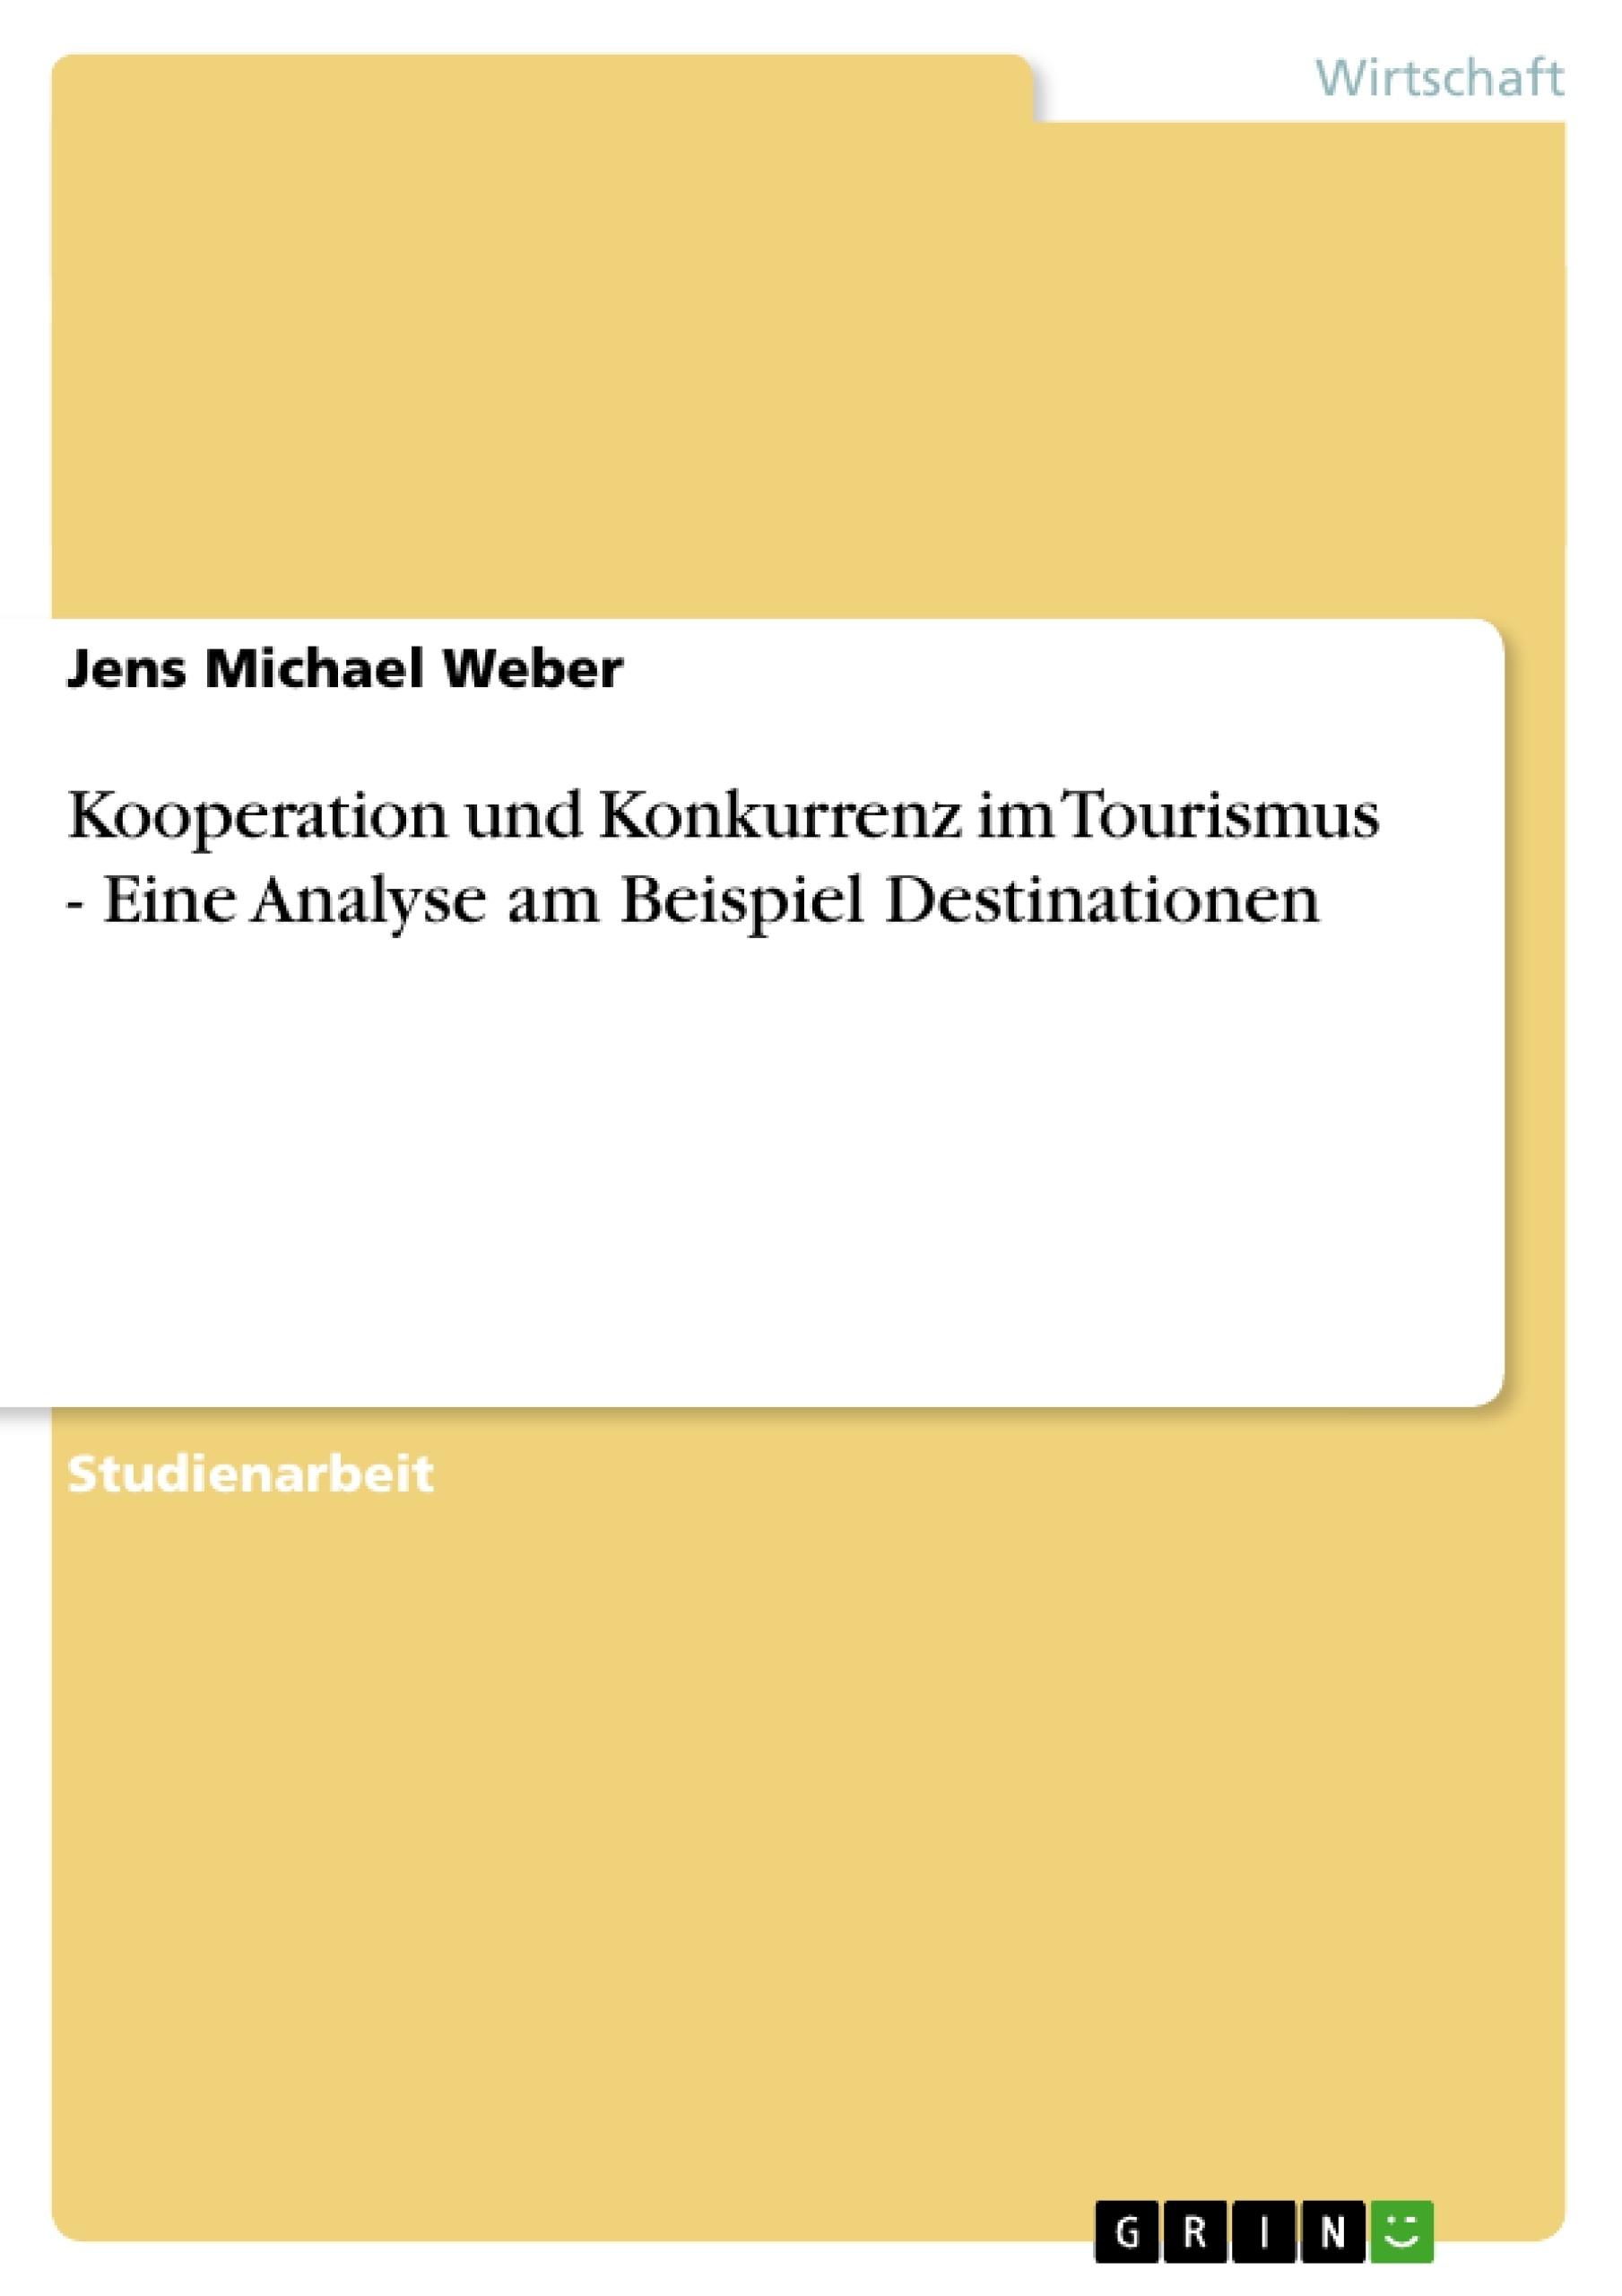 Titel: Kooperation und Konkurrenz im Tourismus - Eine Analyse am Beispiel Destinationen